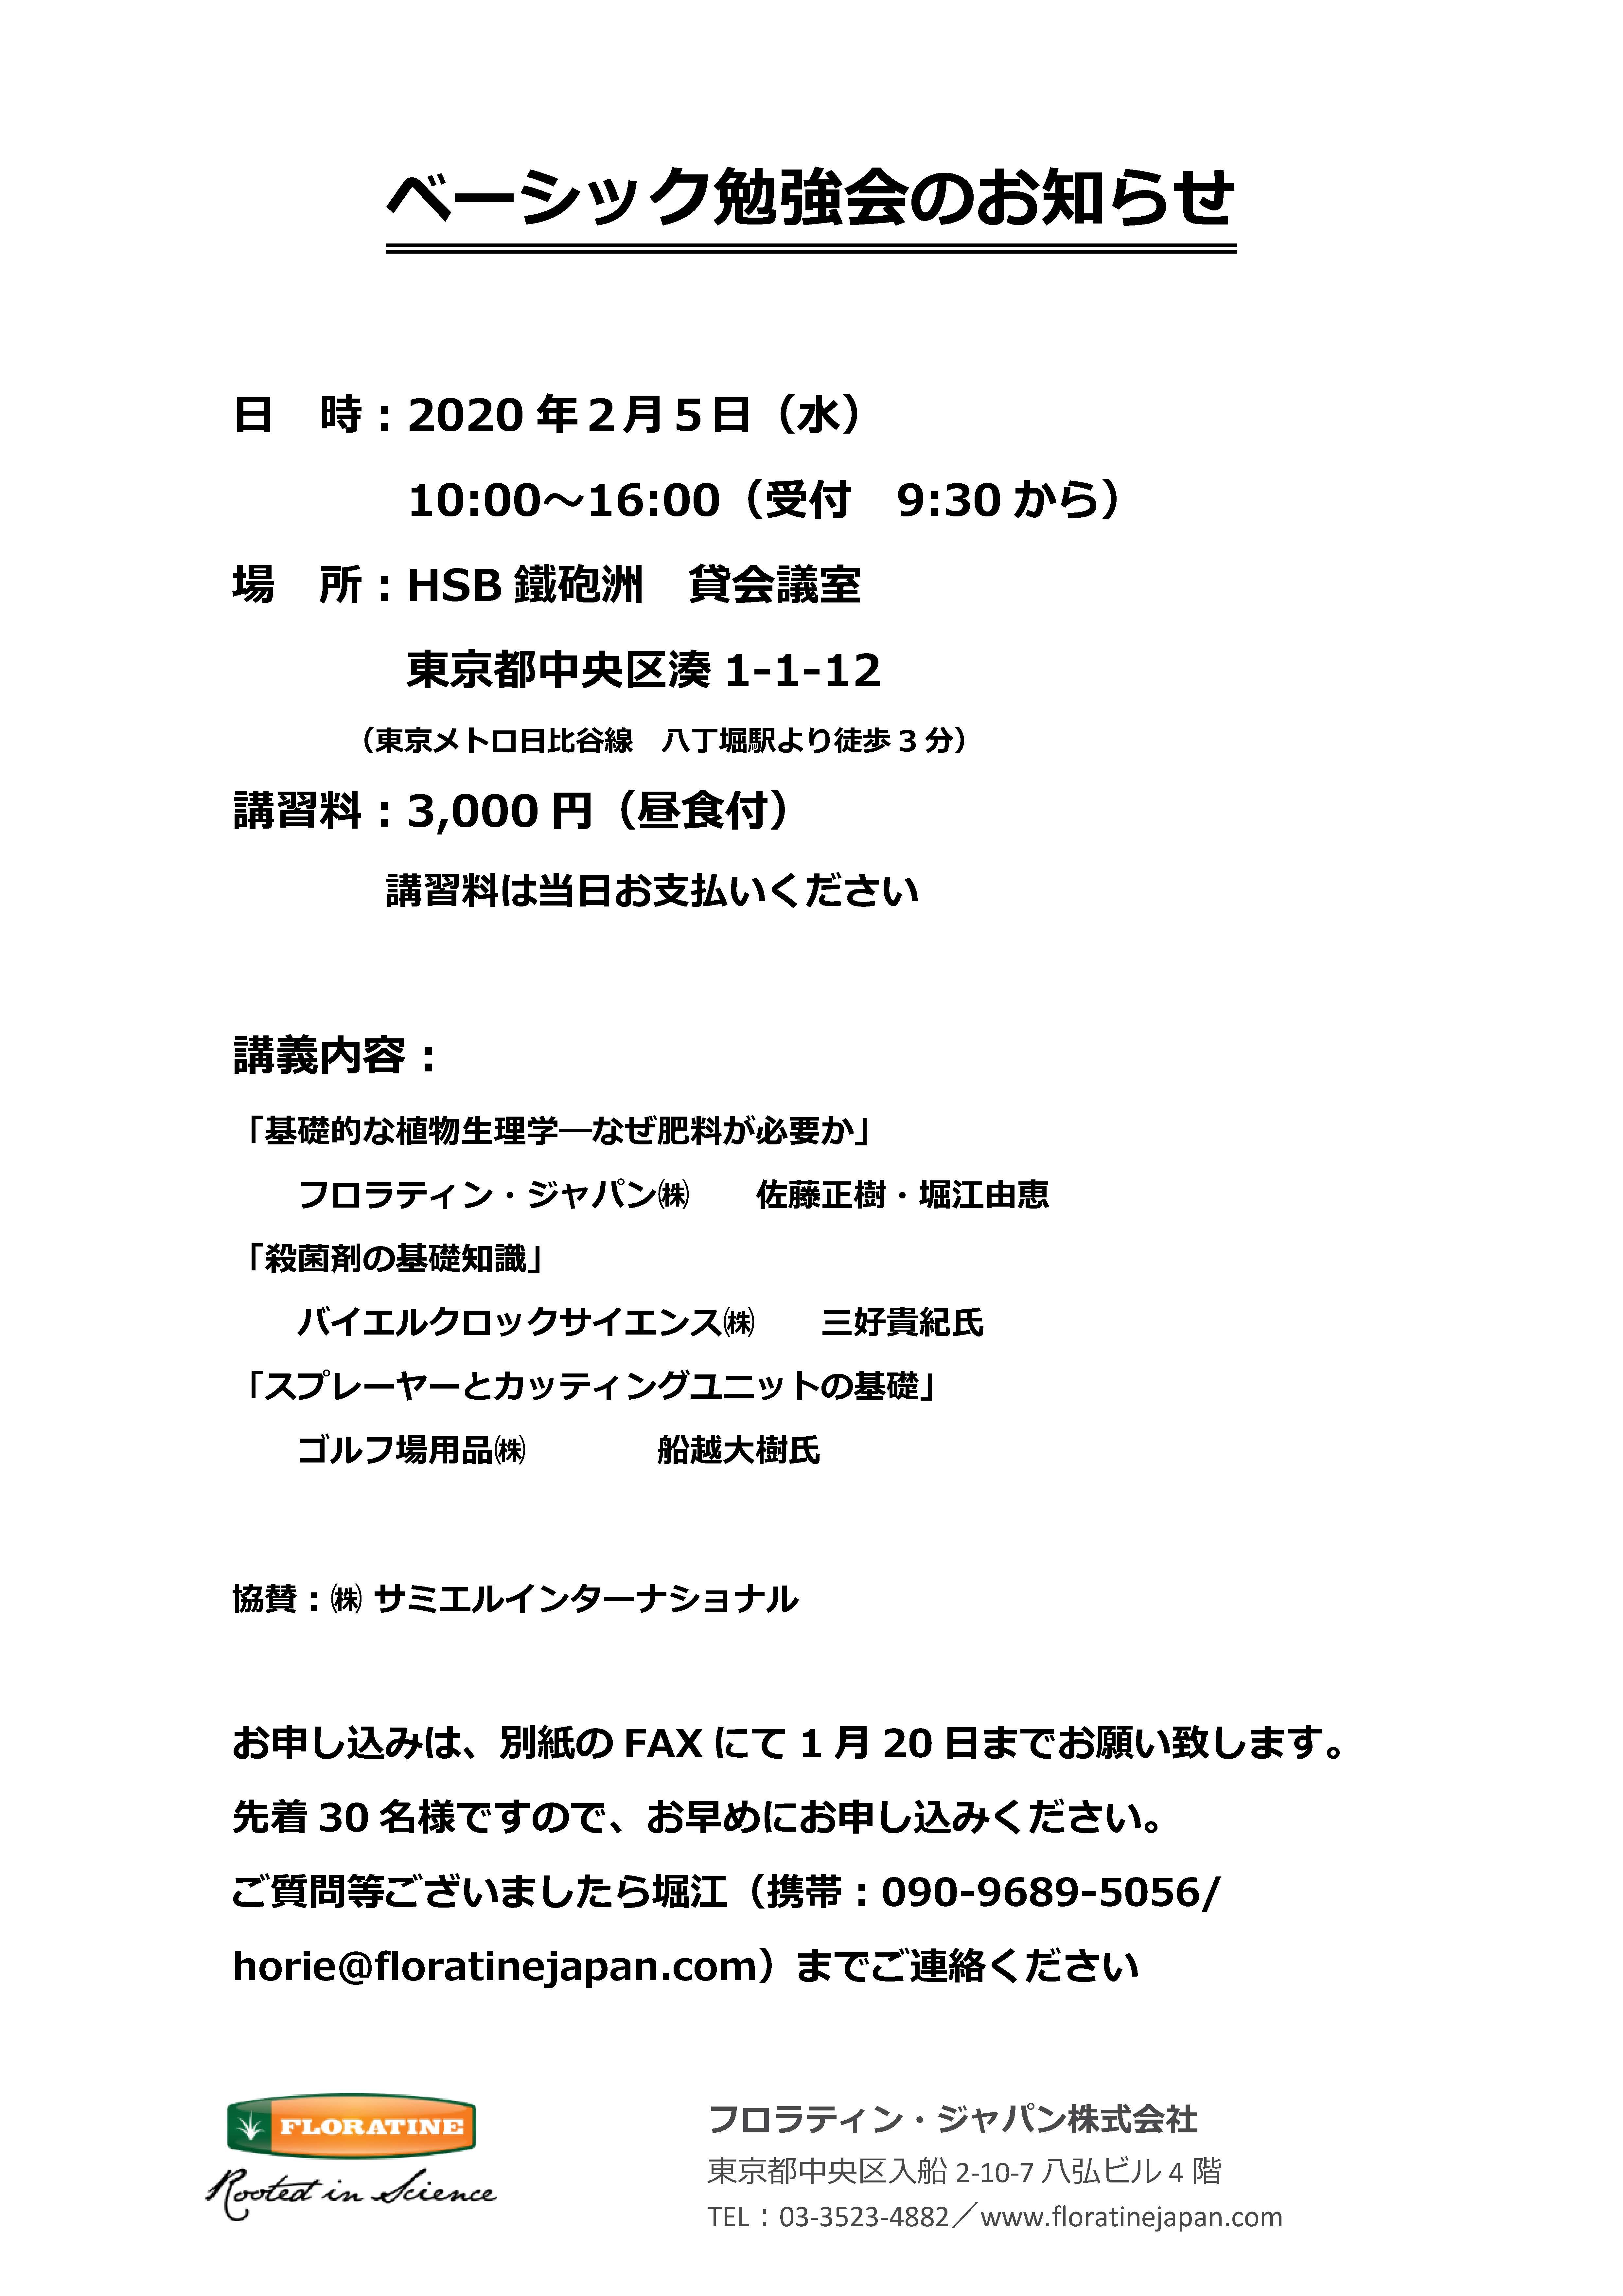 2020.02.05 ベーシック勉強会お知らせ